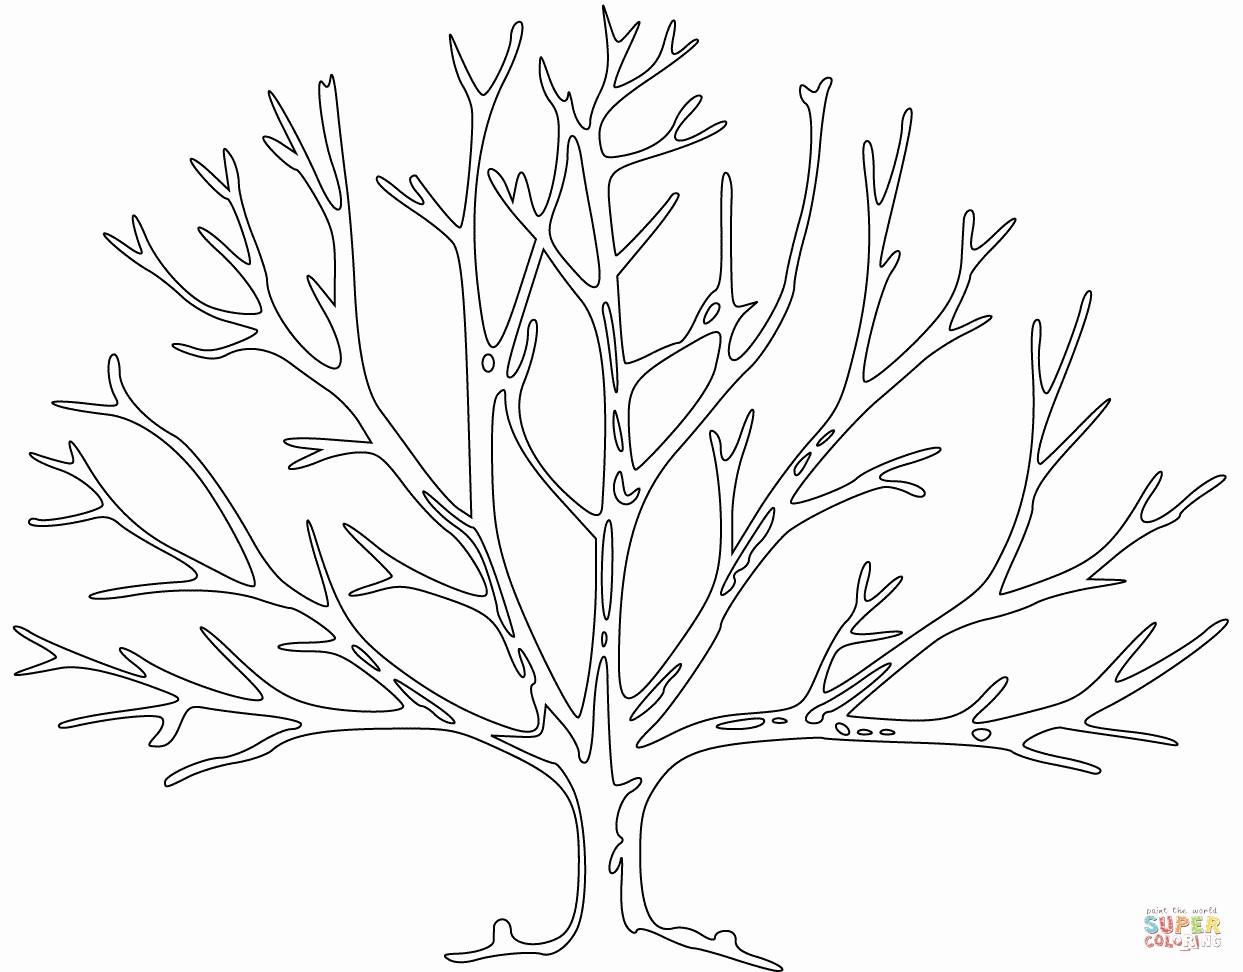 Malvorlage Baum Mit Wurzeln Inspirierend Kahler Baum Malvorlage Genial Fläktgroup Fläktgroup Ahoaho Expo Bilder